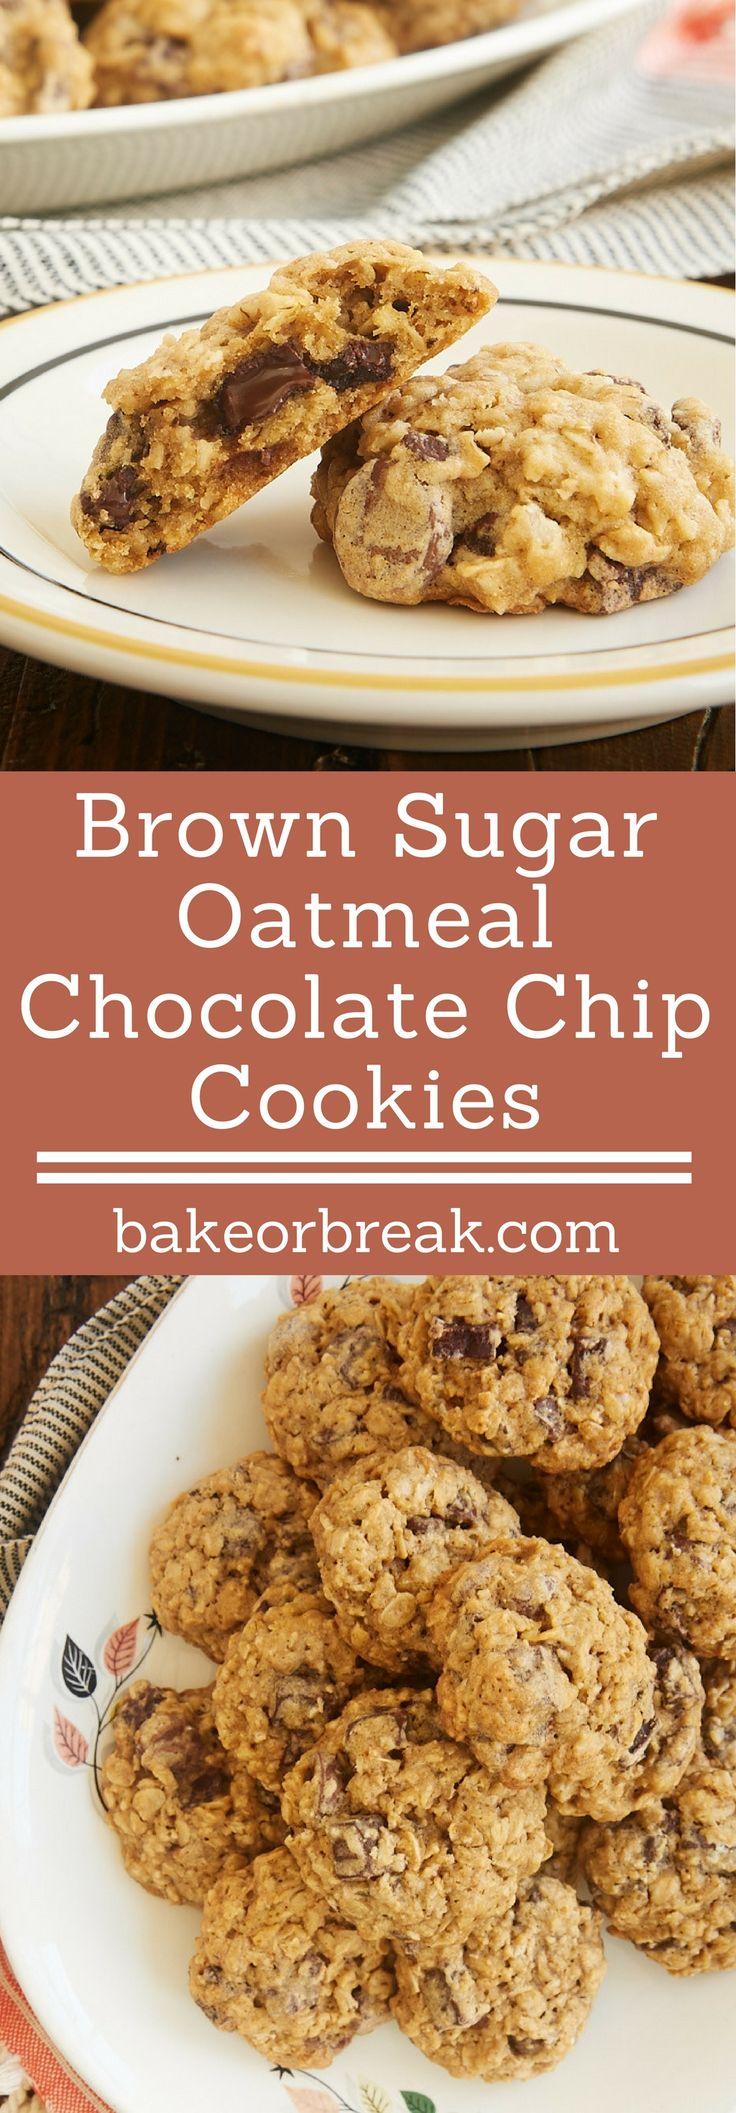 Best 25+ Brown sugar cookies ideas only on Pinterest | Brown sugar ...